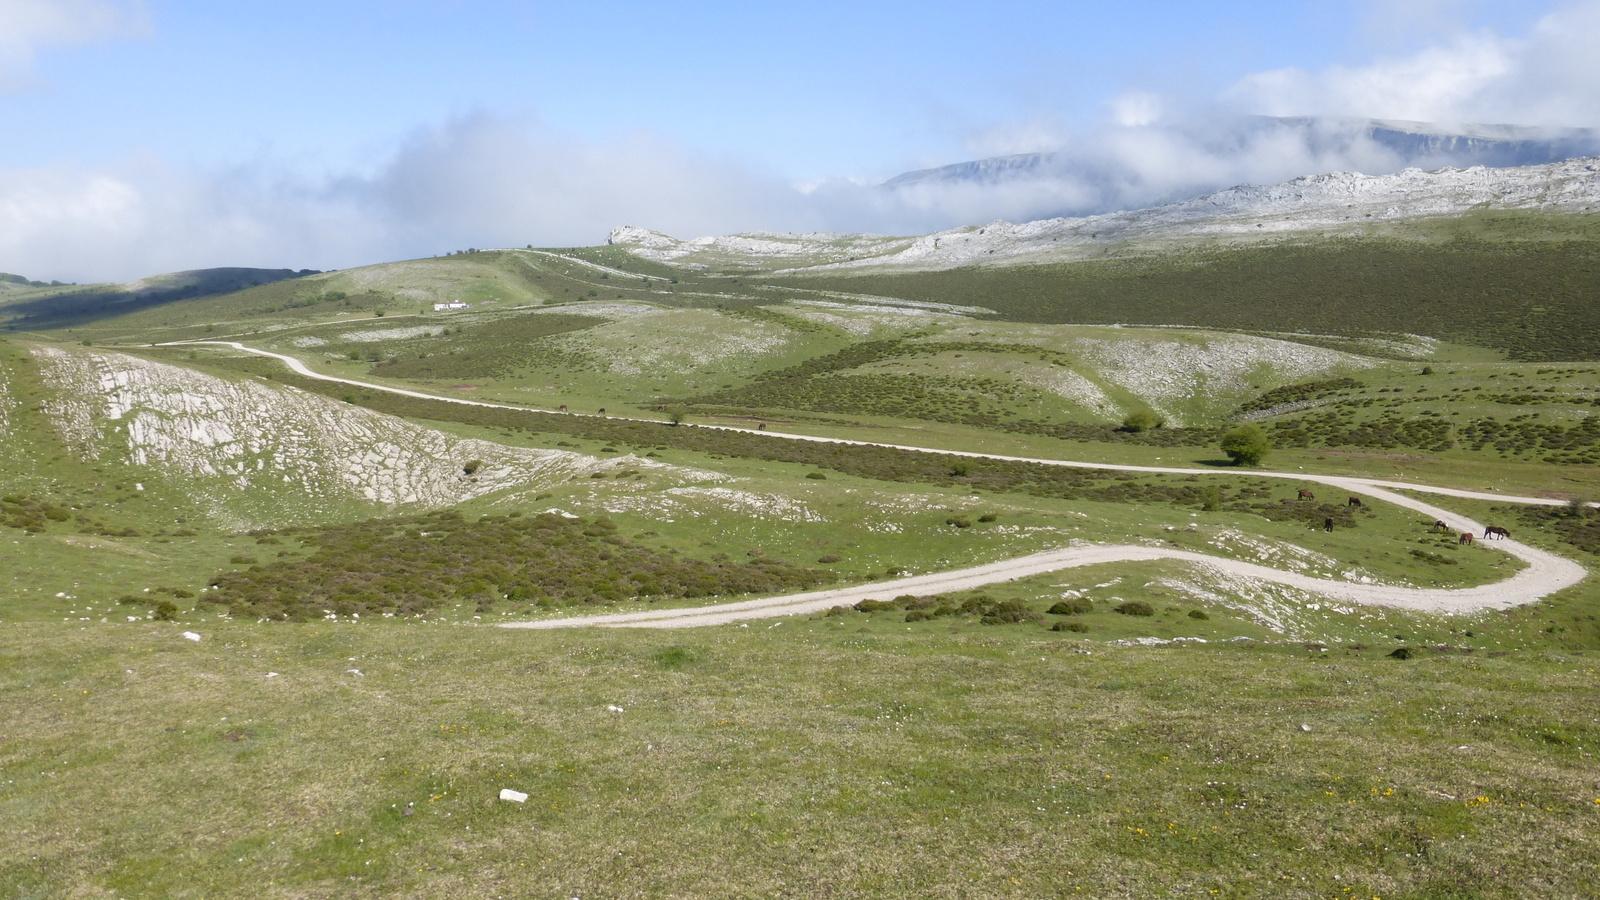 132. Zka.   Urbasa-Andiako Natura-parkeaLizarraga-Lezaun/2019-11-23